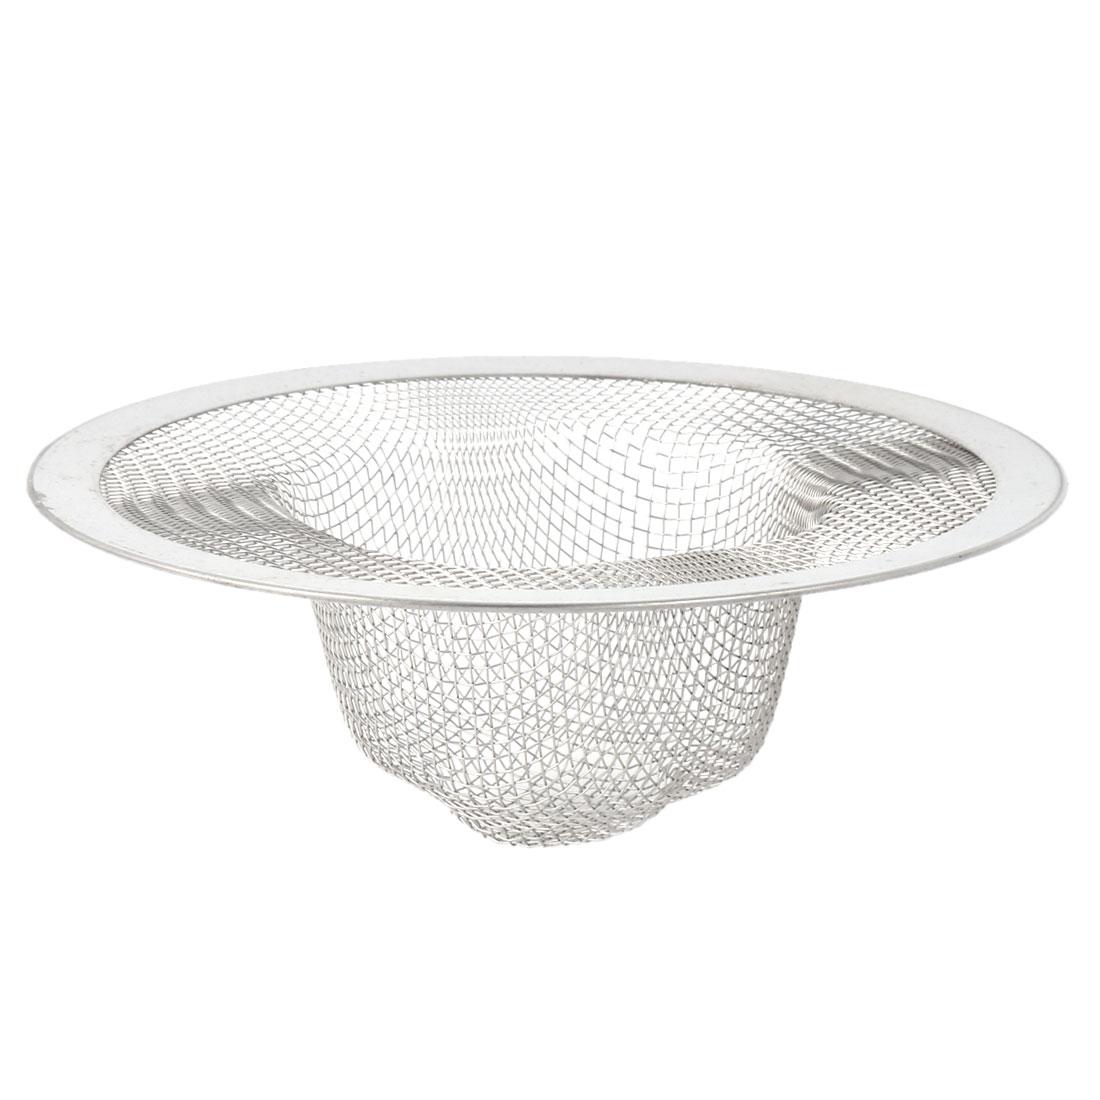 Kitchen Metal Sink Strainer Filter Sieve Drain Net Silver Tone 11.2cm Dia